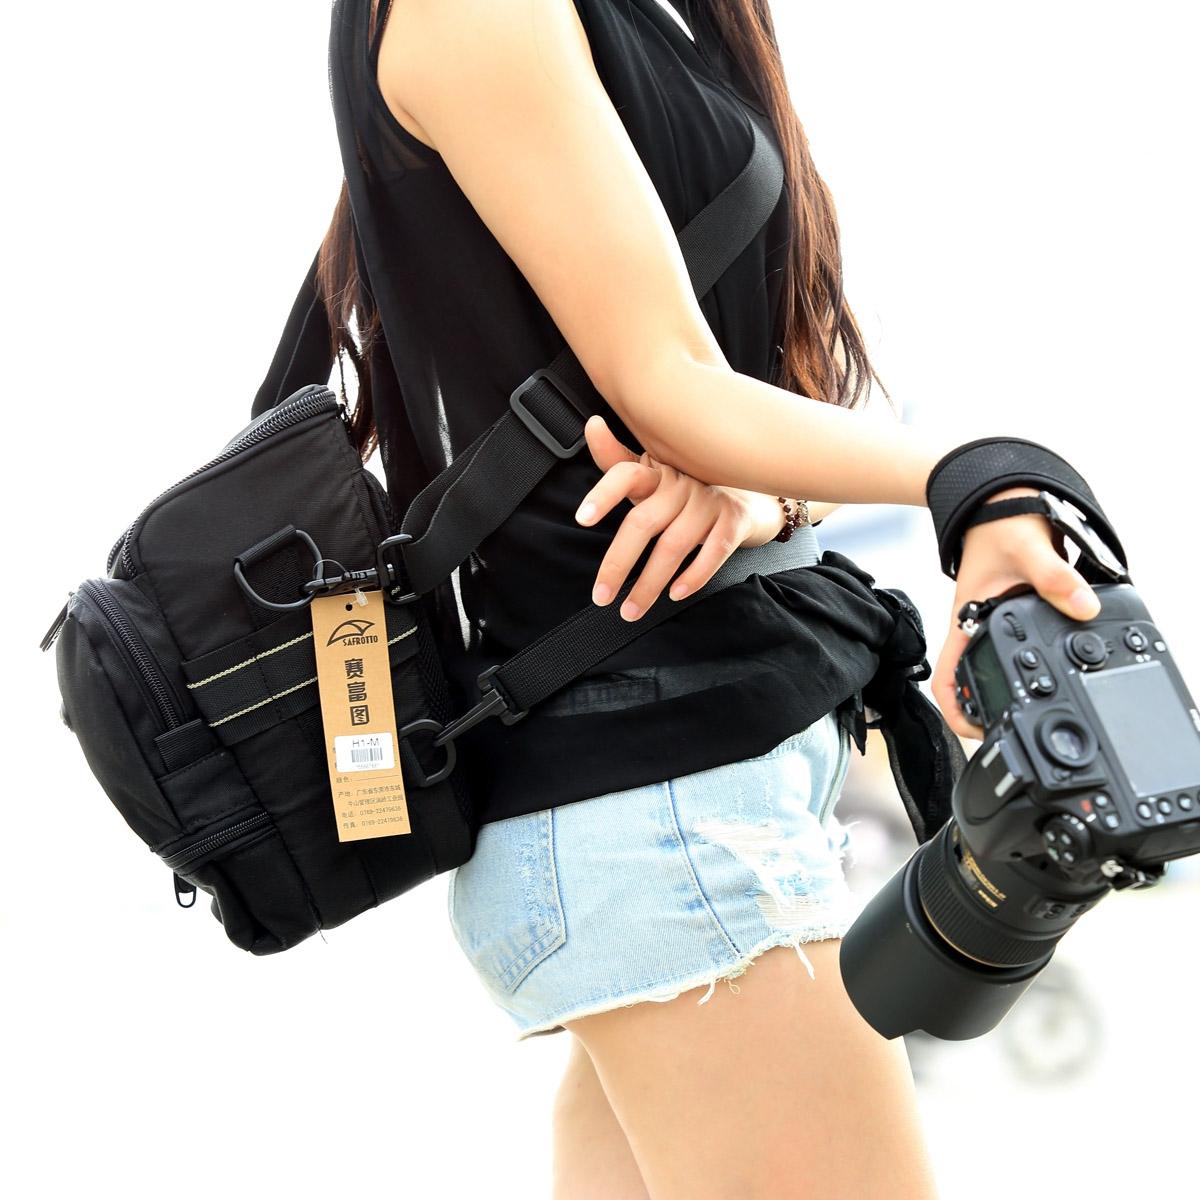 赛富图摄影三角胯包H1单肩斜背单反相机包便携防水佳能5D4 70-200